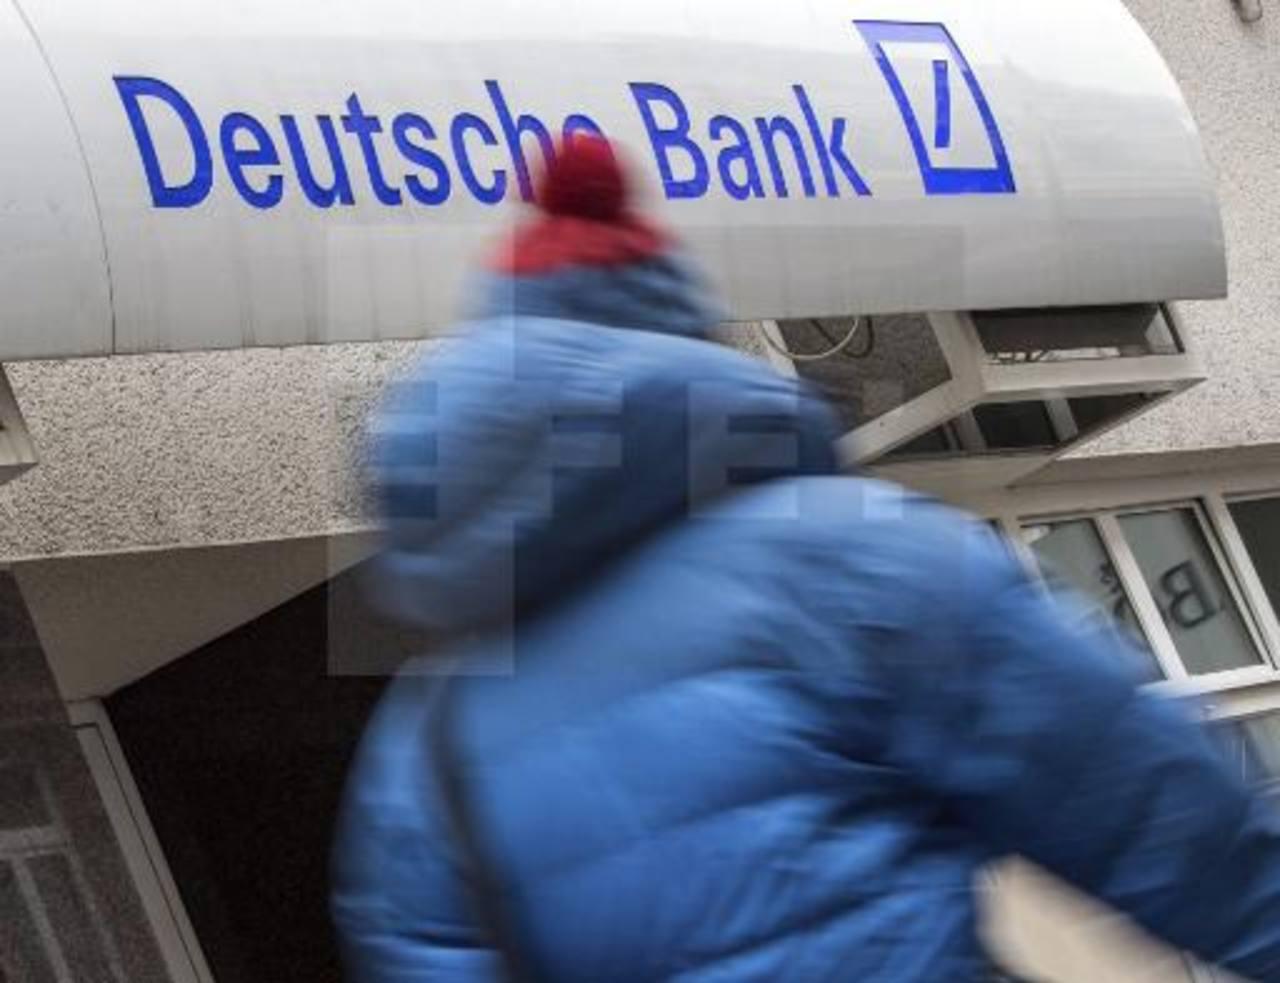 Los empleados del Deutsche Bank fueron entrenados para alterar los tipos de interés desde Nueva York, Londres, Fráncfort y Tokio.